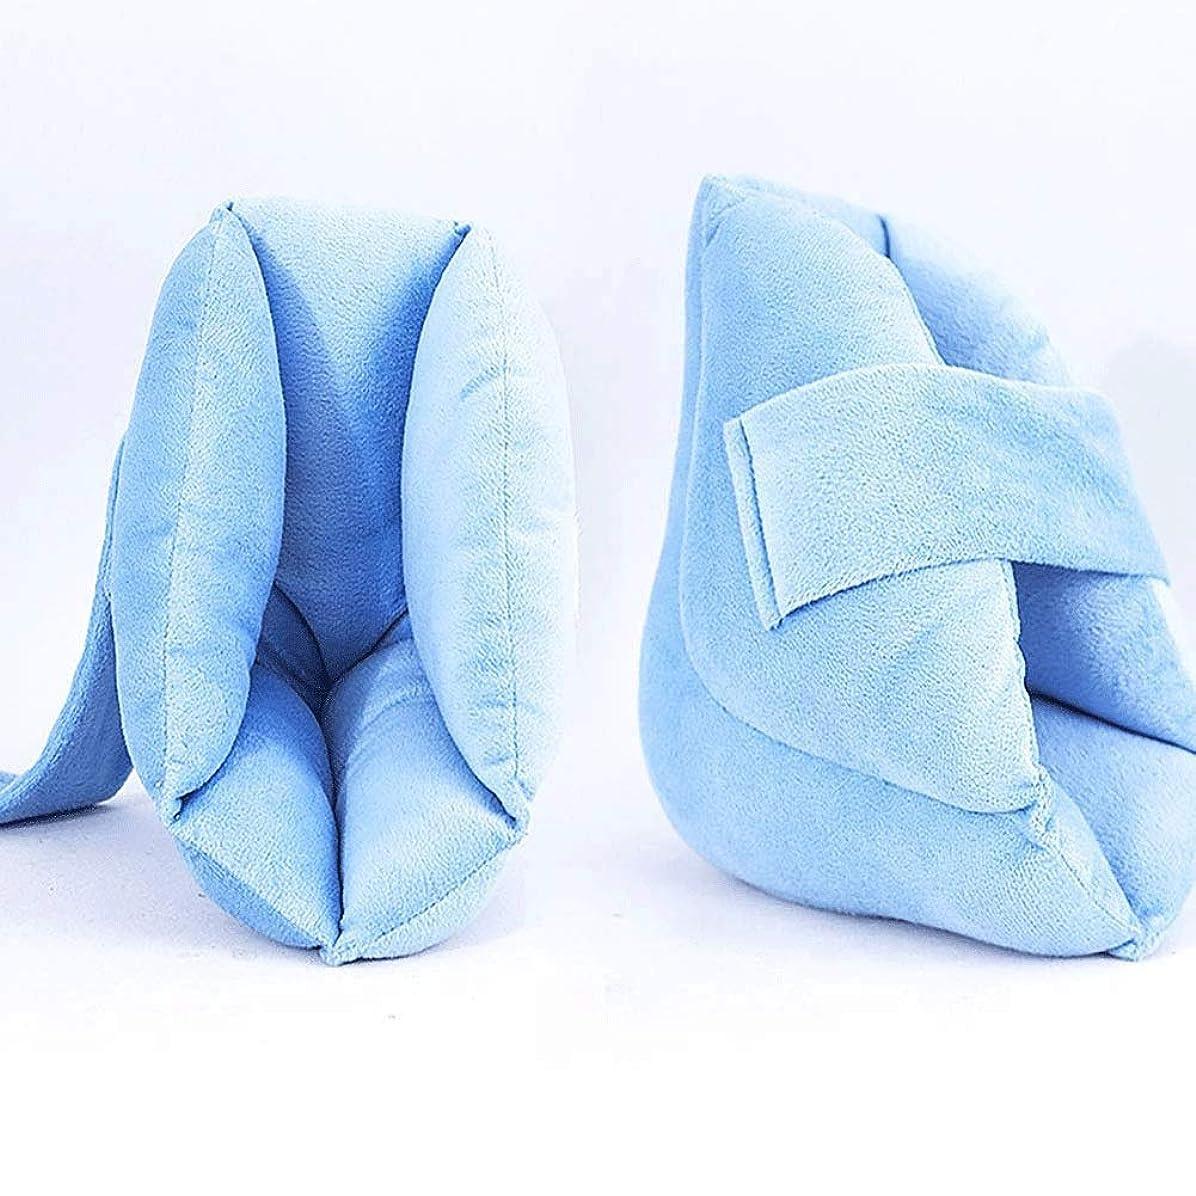 マトン時制有罪足枕かかとクッションプロテクター-Pressure瘡とかかと潰瘍の救済 高弾性スポンジ充填、ライトブルー-1ペア